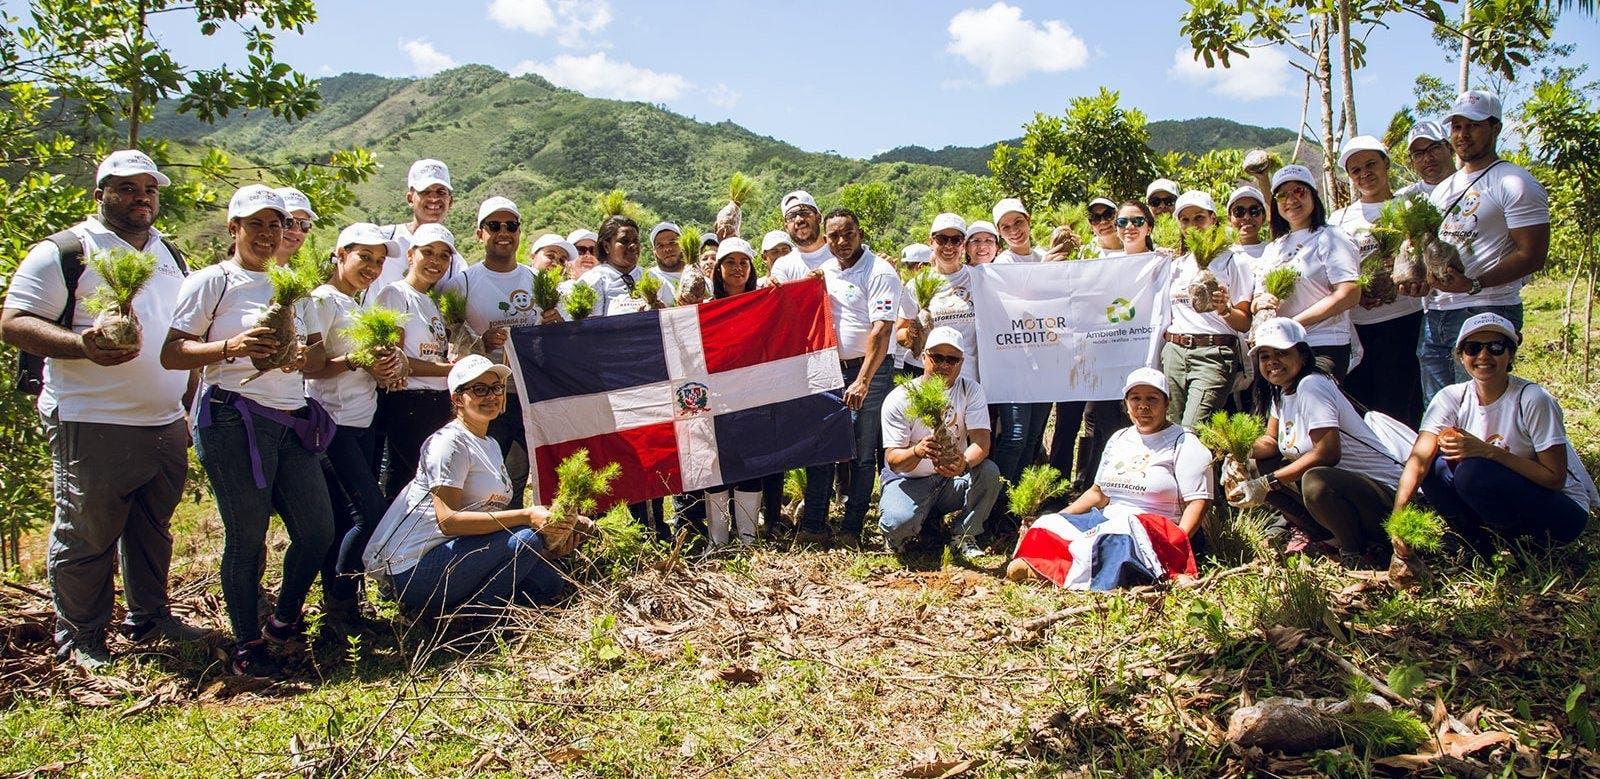 Motor Crédito planta 3,000 brotes  de árboles en la cuenca del río Ozama